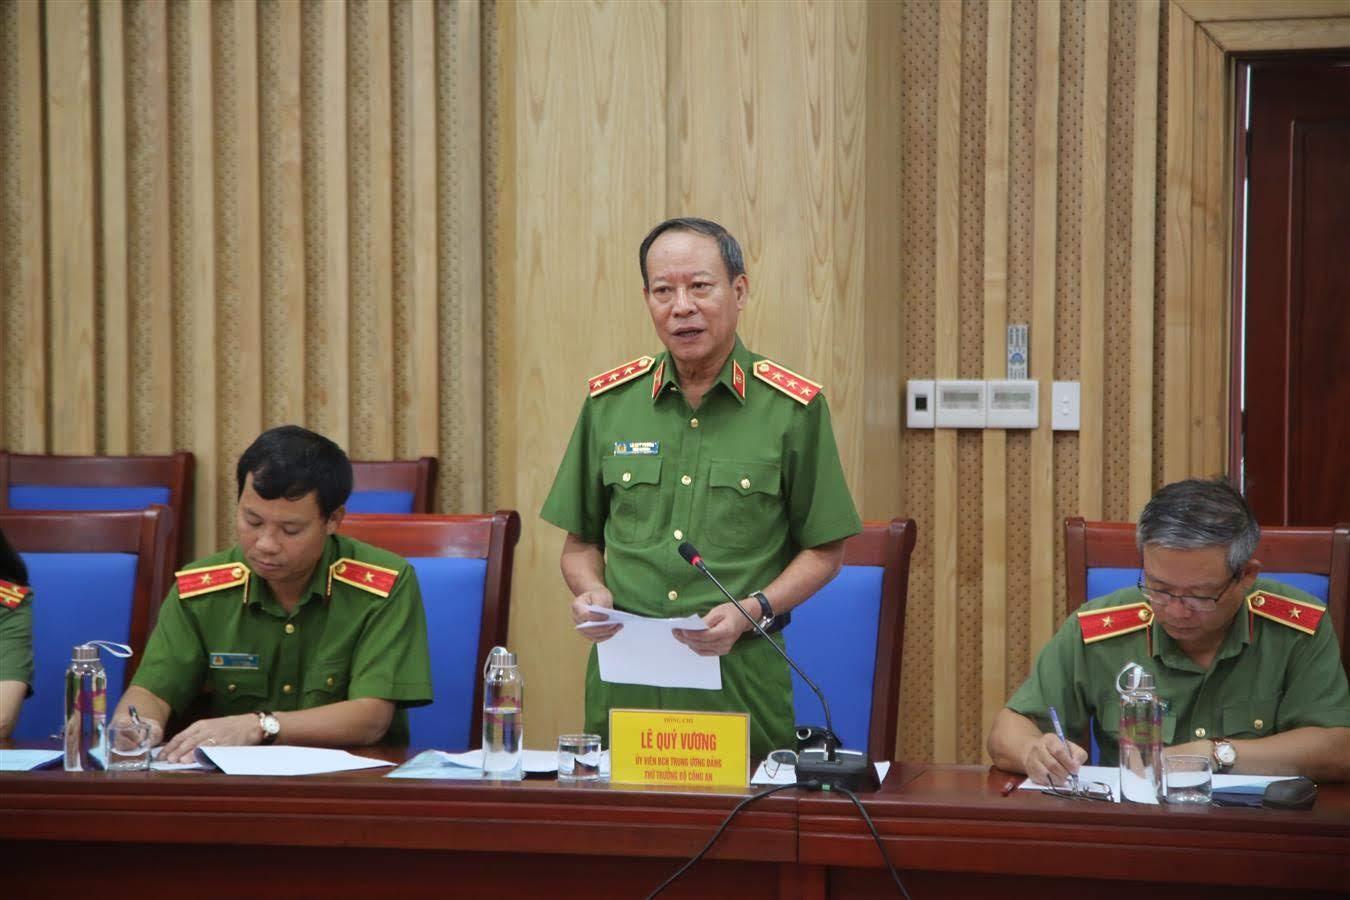 Thứ trưởng Lê Quý Vương, Ủy viên trung ương Đảng, Thứ trưởng bộ Công an phát biểu tại buổi làm việc